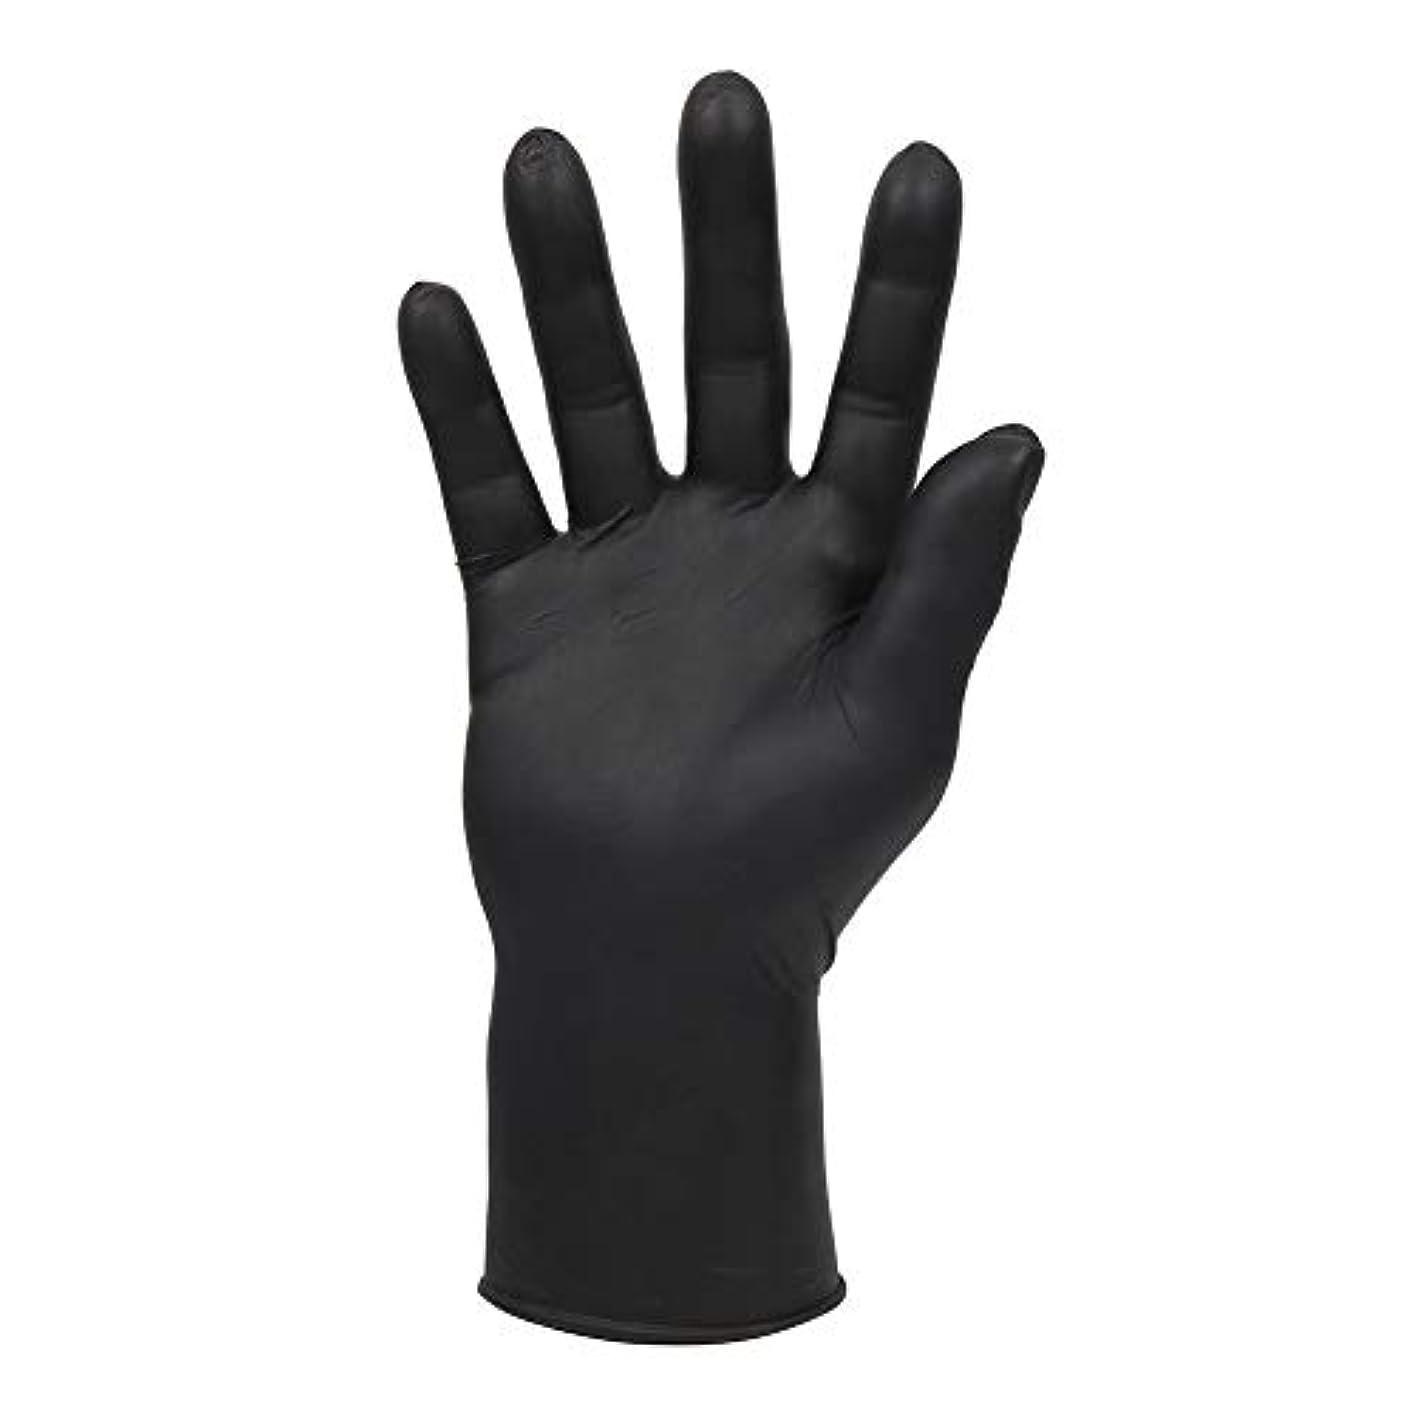 ベース些細ミュートLuka 9インチ 使い捨て ニトリル 静電気防止手袋 ゴム製手袋